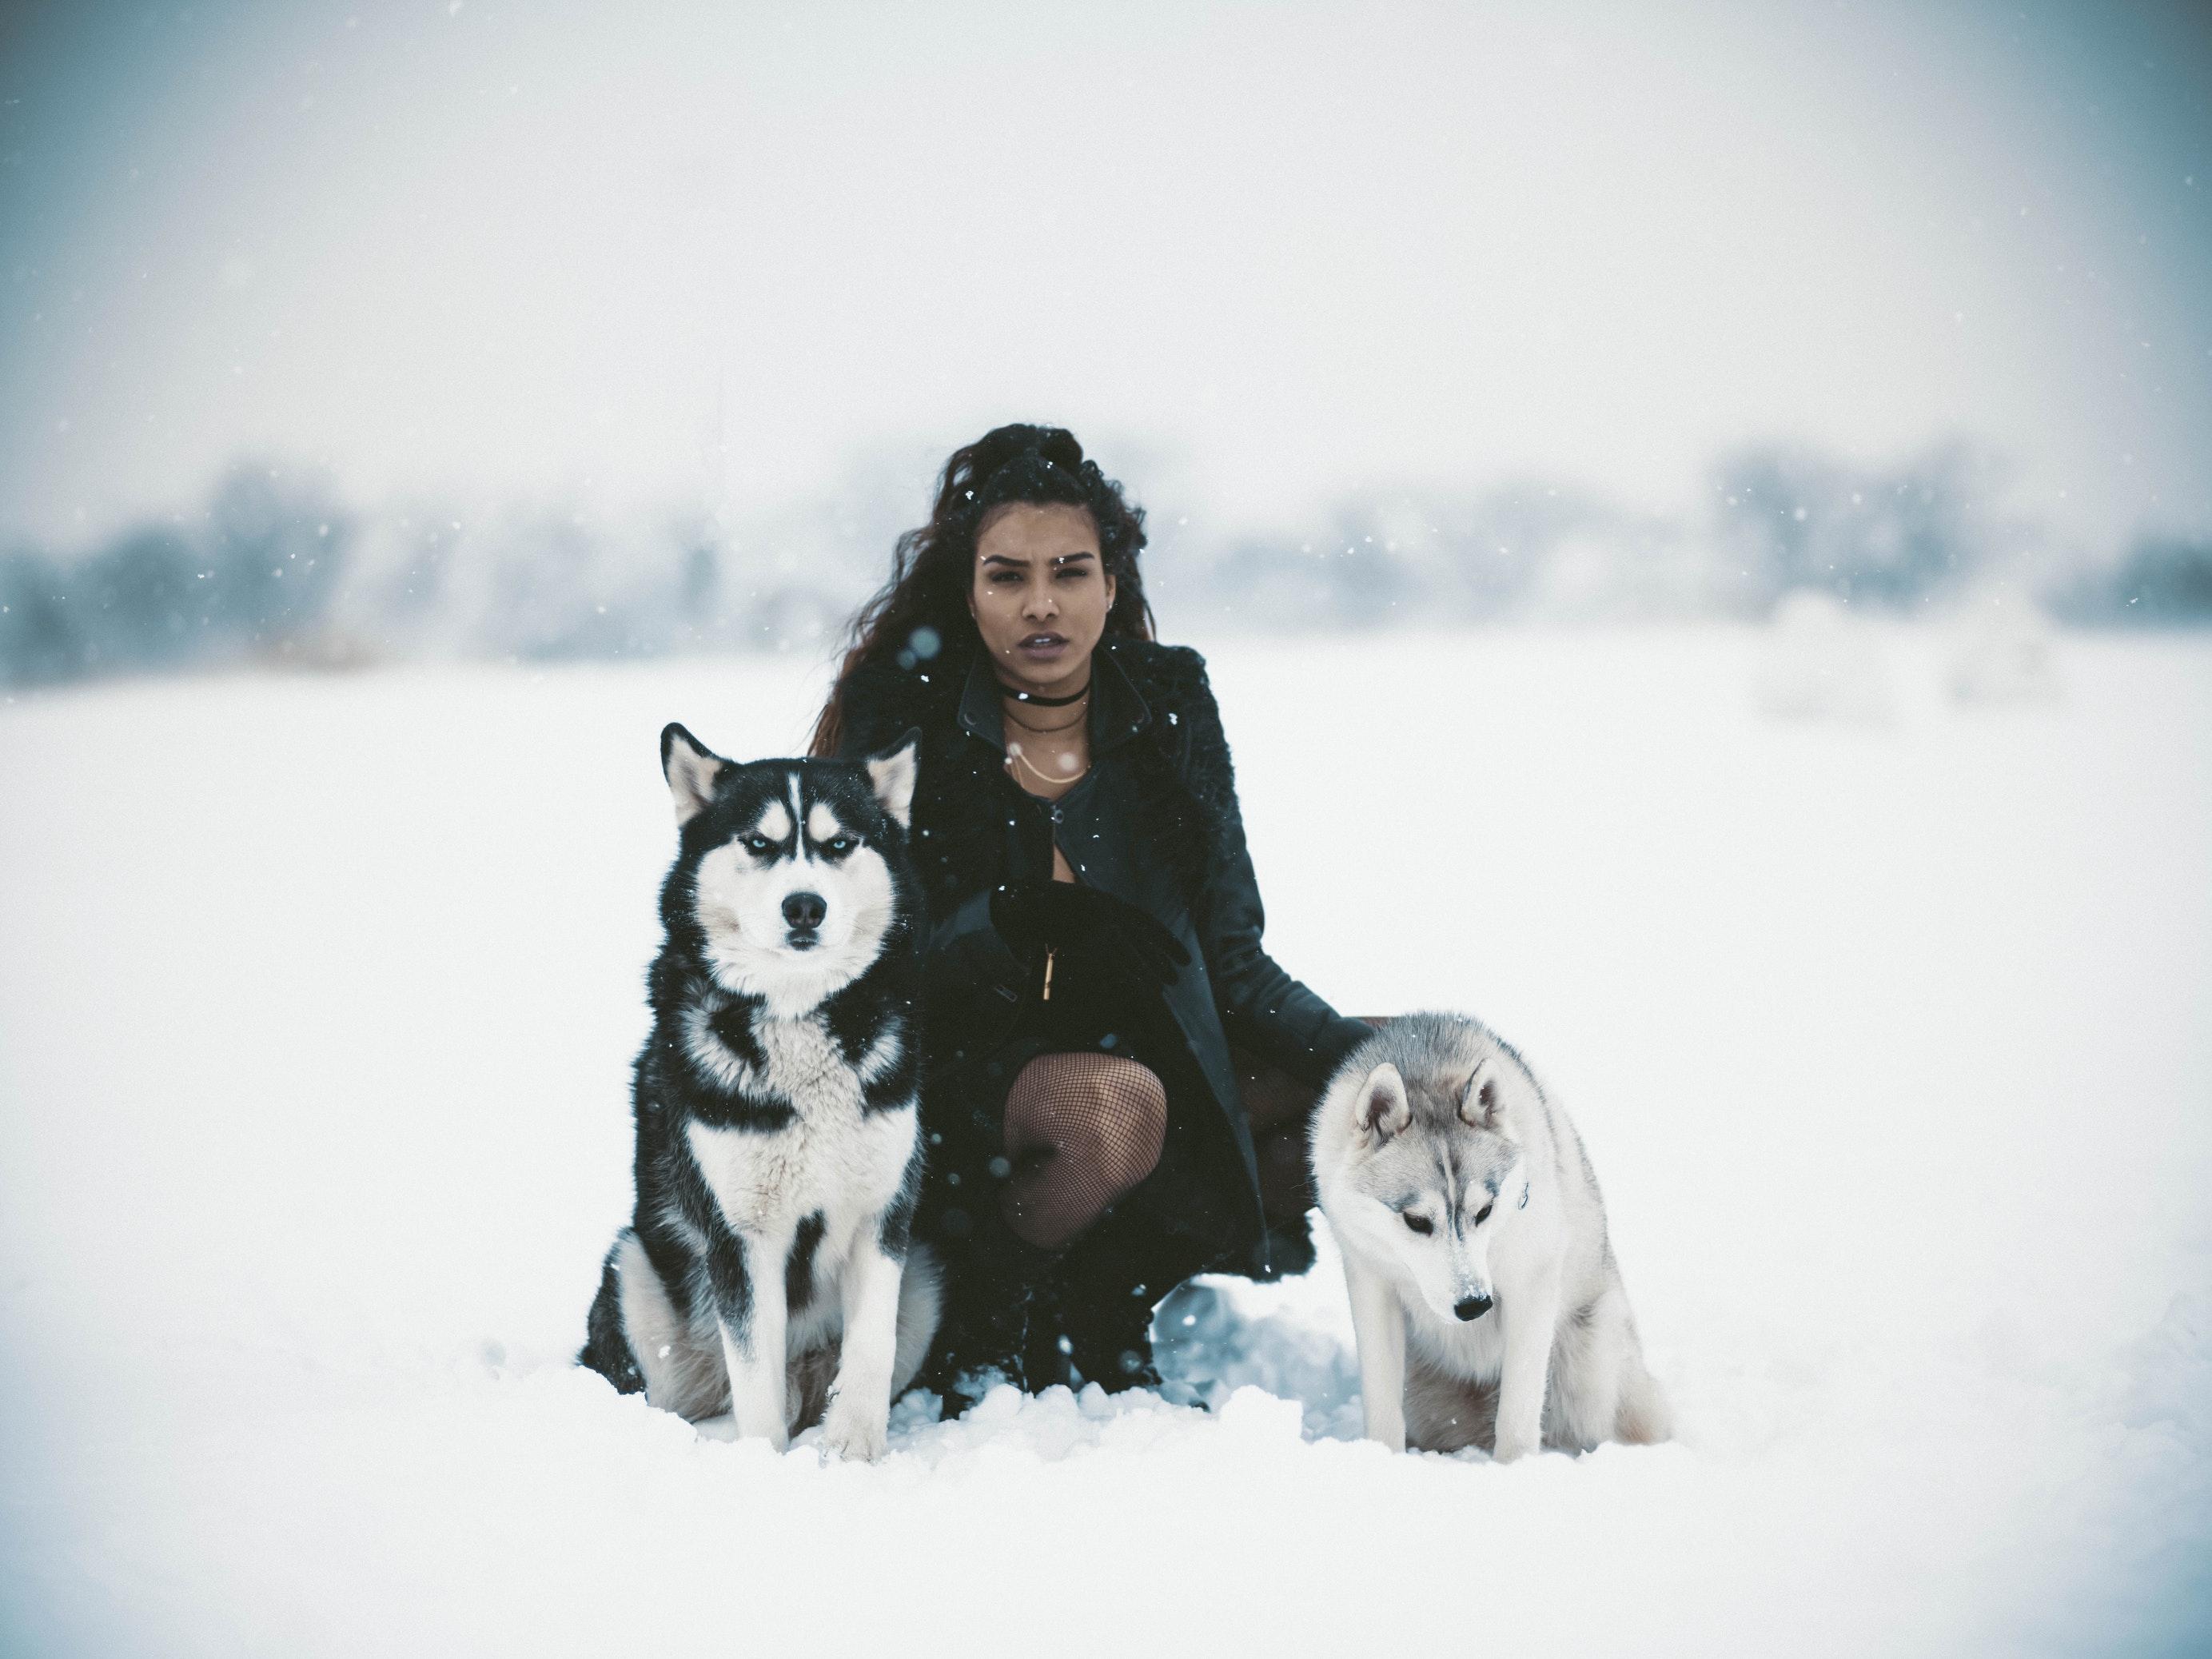 グランドキャニオン冬は大雪に注意。突然閉鎖される!?